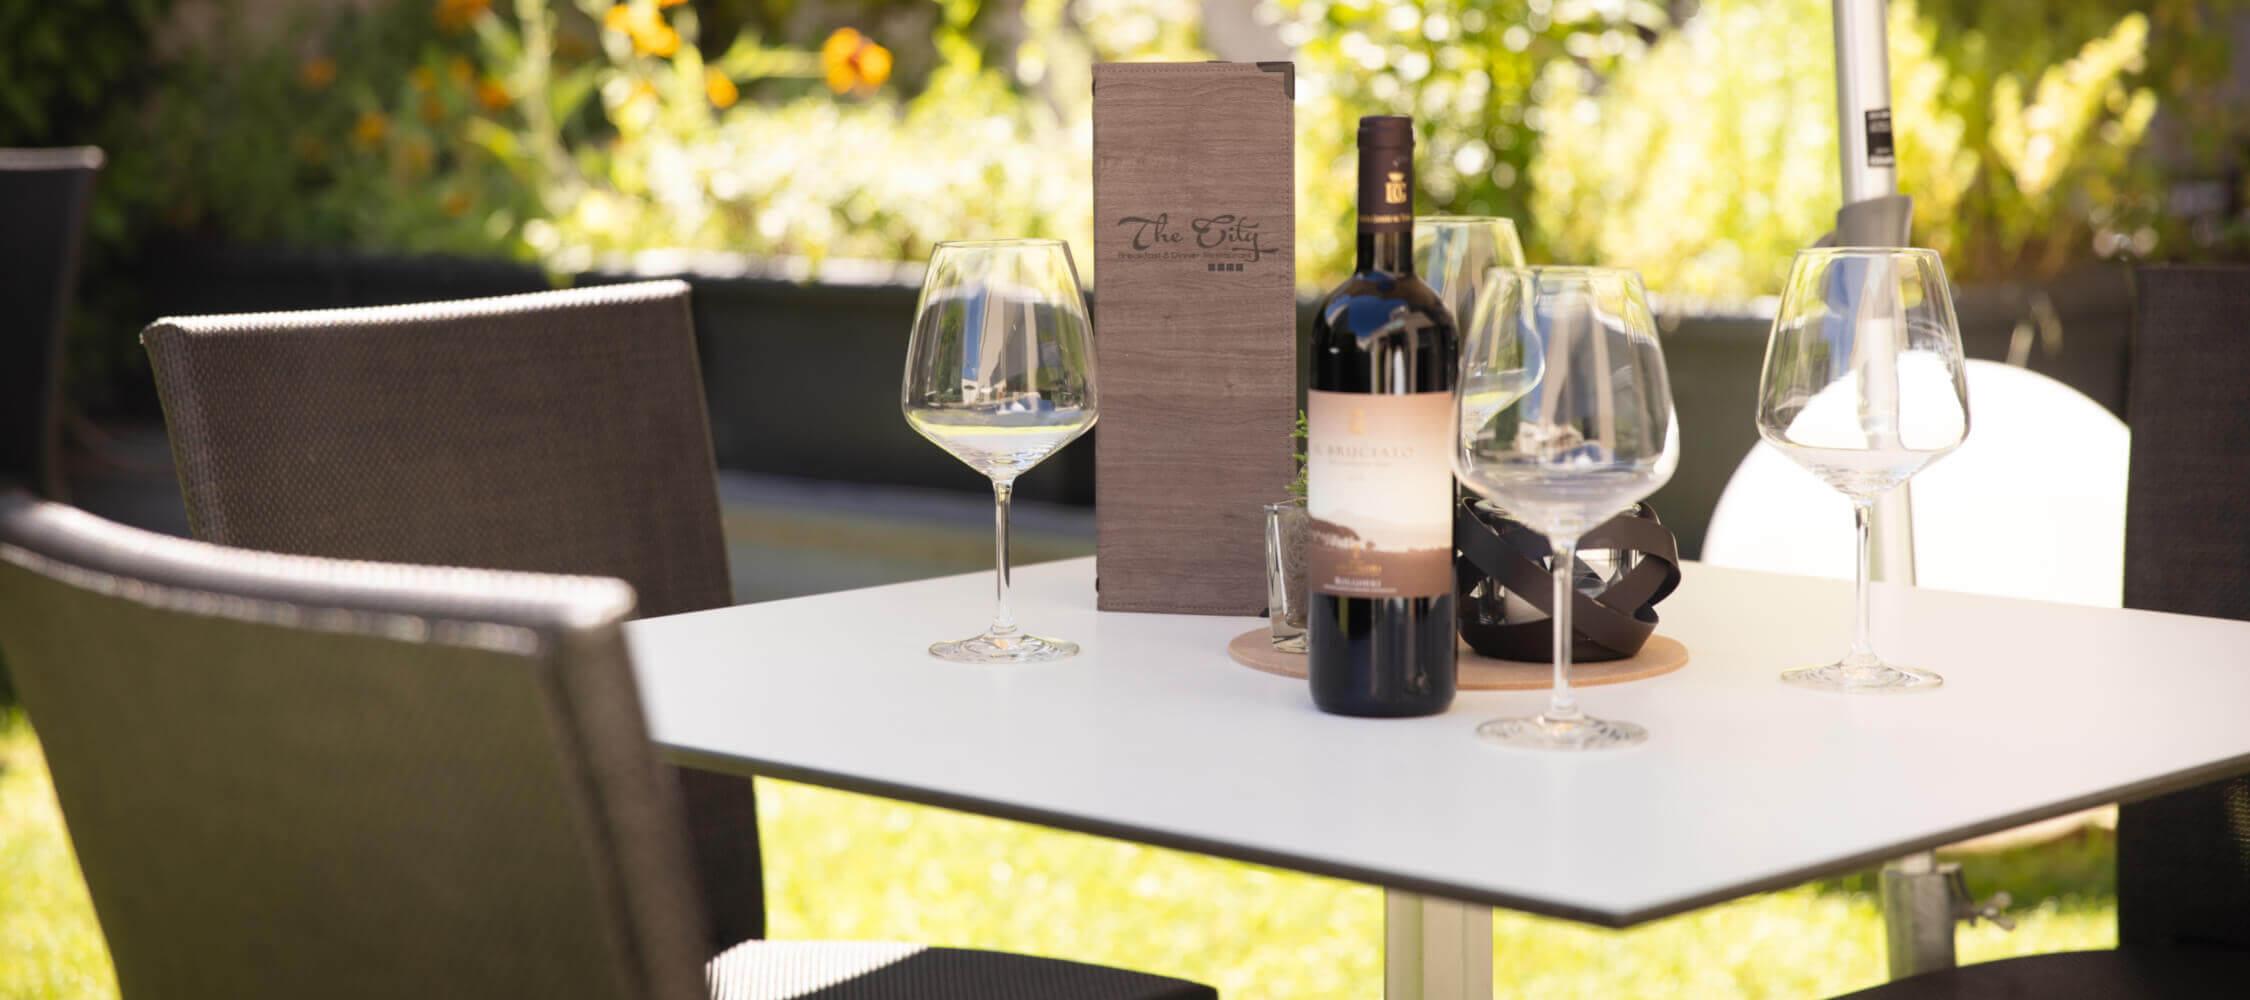 City_Hotel_Merano_Restaurant_City_Terrasse_BeatricePilotto_3T1A2148_2250x1000